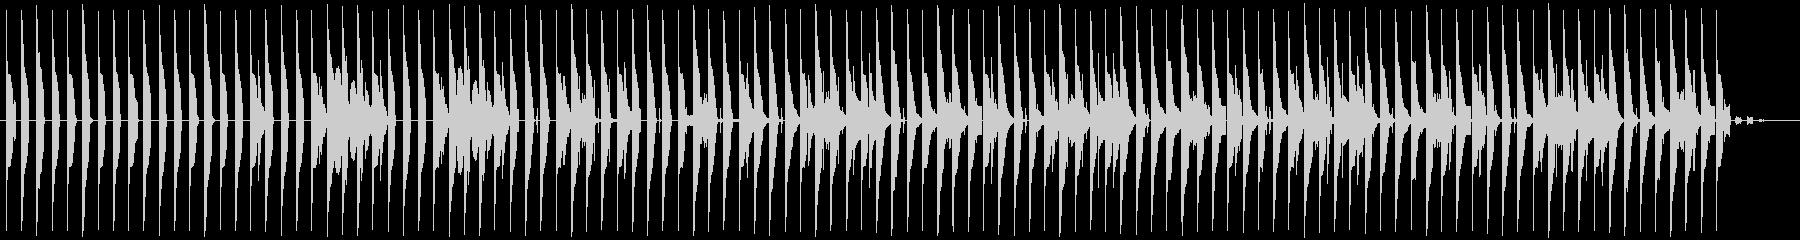 クールなアーバンダンスビートの未再生の波形